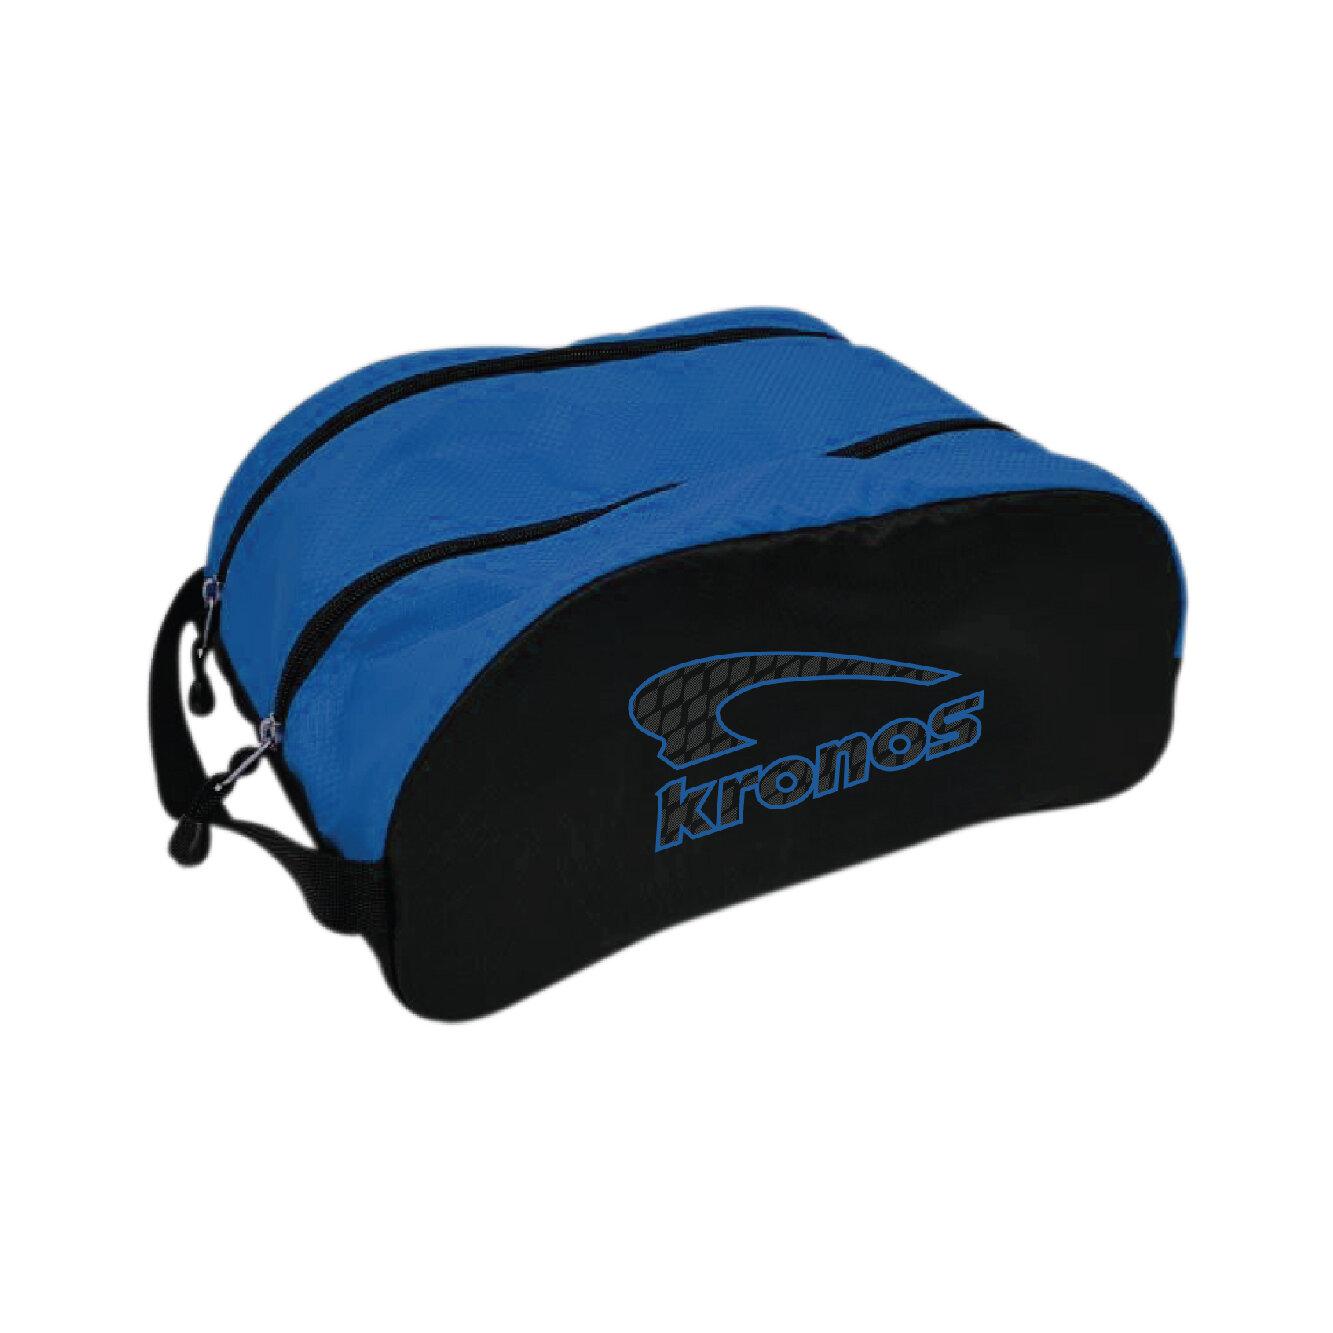 Azzurri 2 Shoe Bag